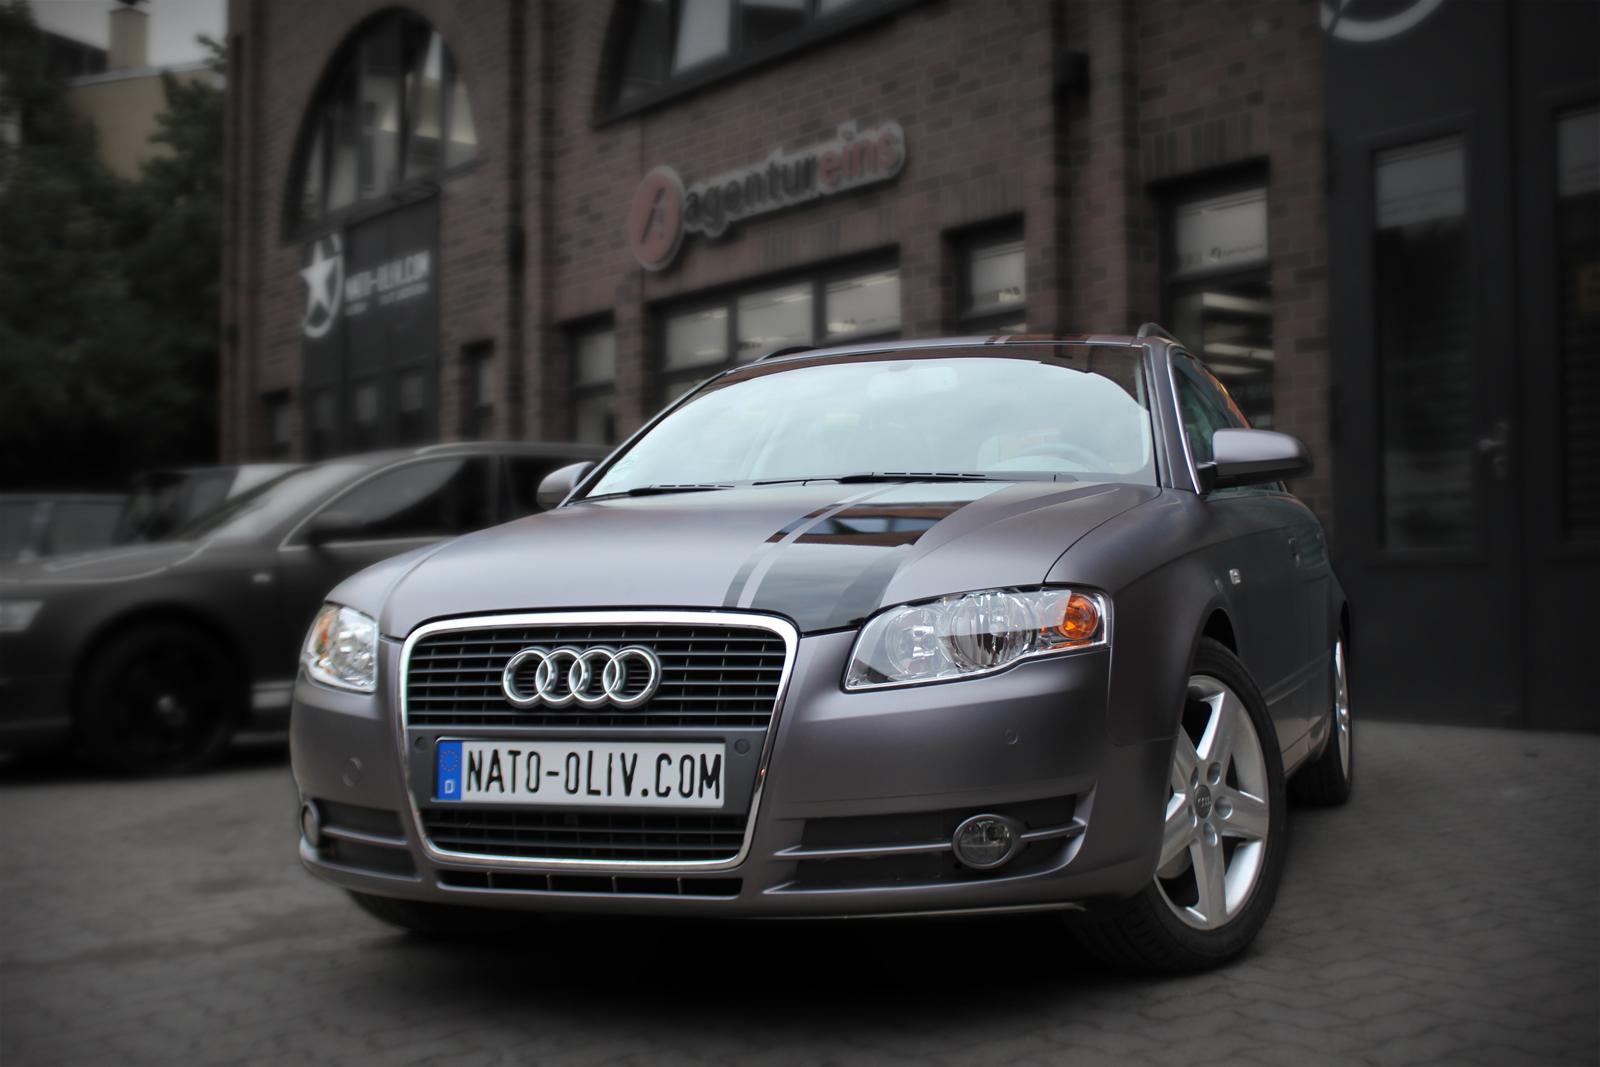 Frontansicht eines Audi A4 in anthrazit matt mellic Folie und schwarz glänzenden Rallye-Streifen